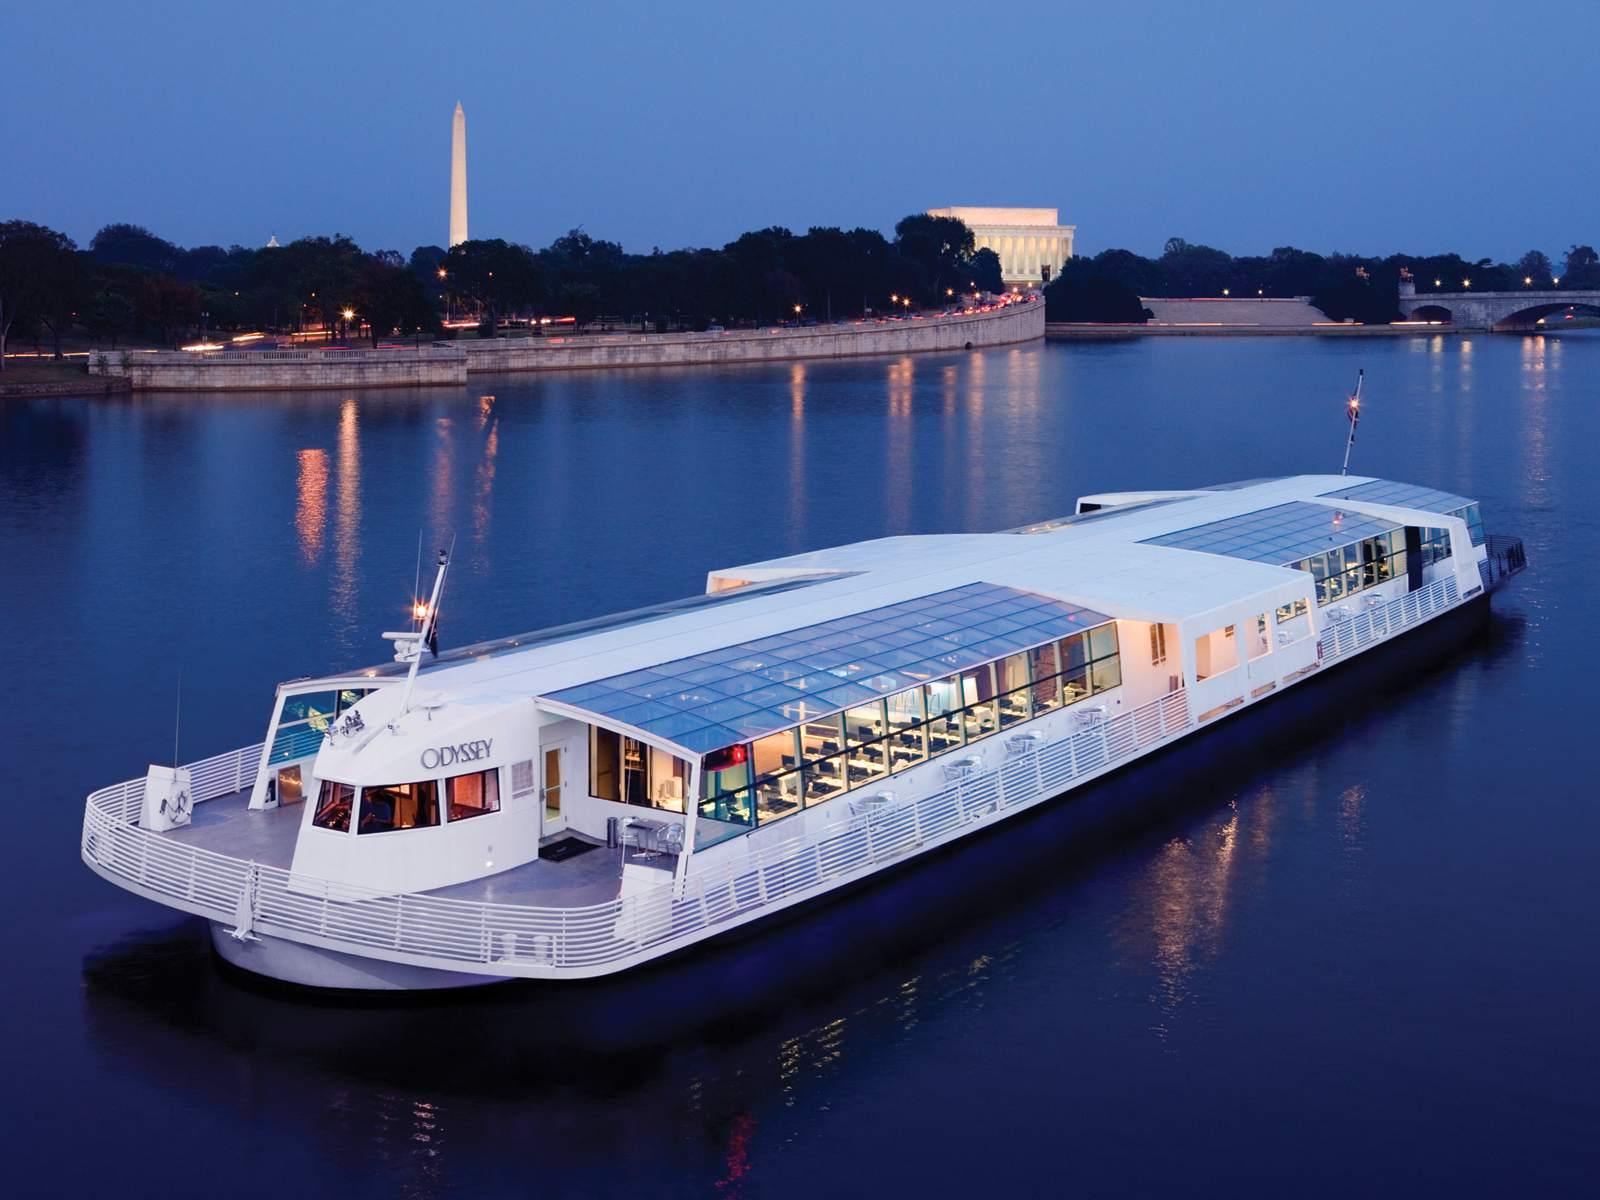 Odyssey on Potomac River